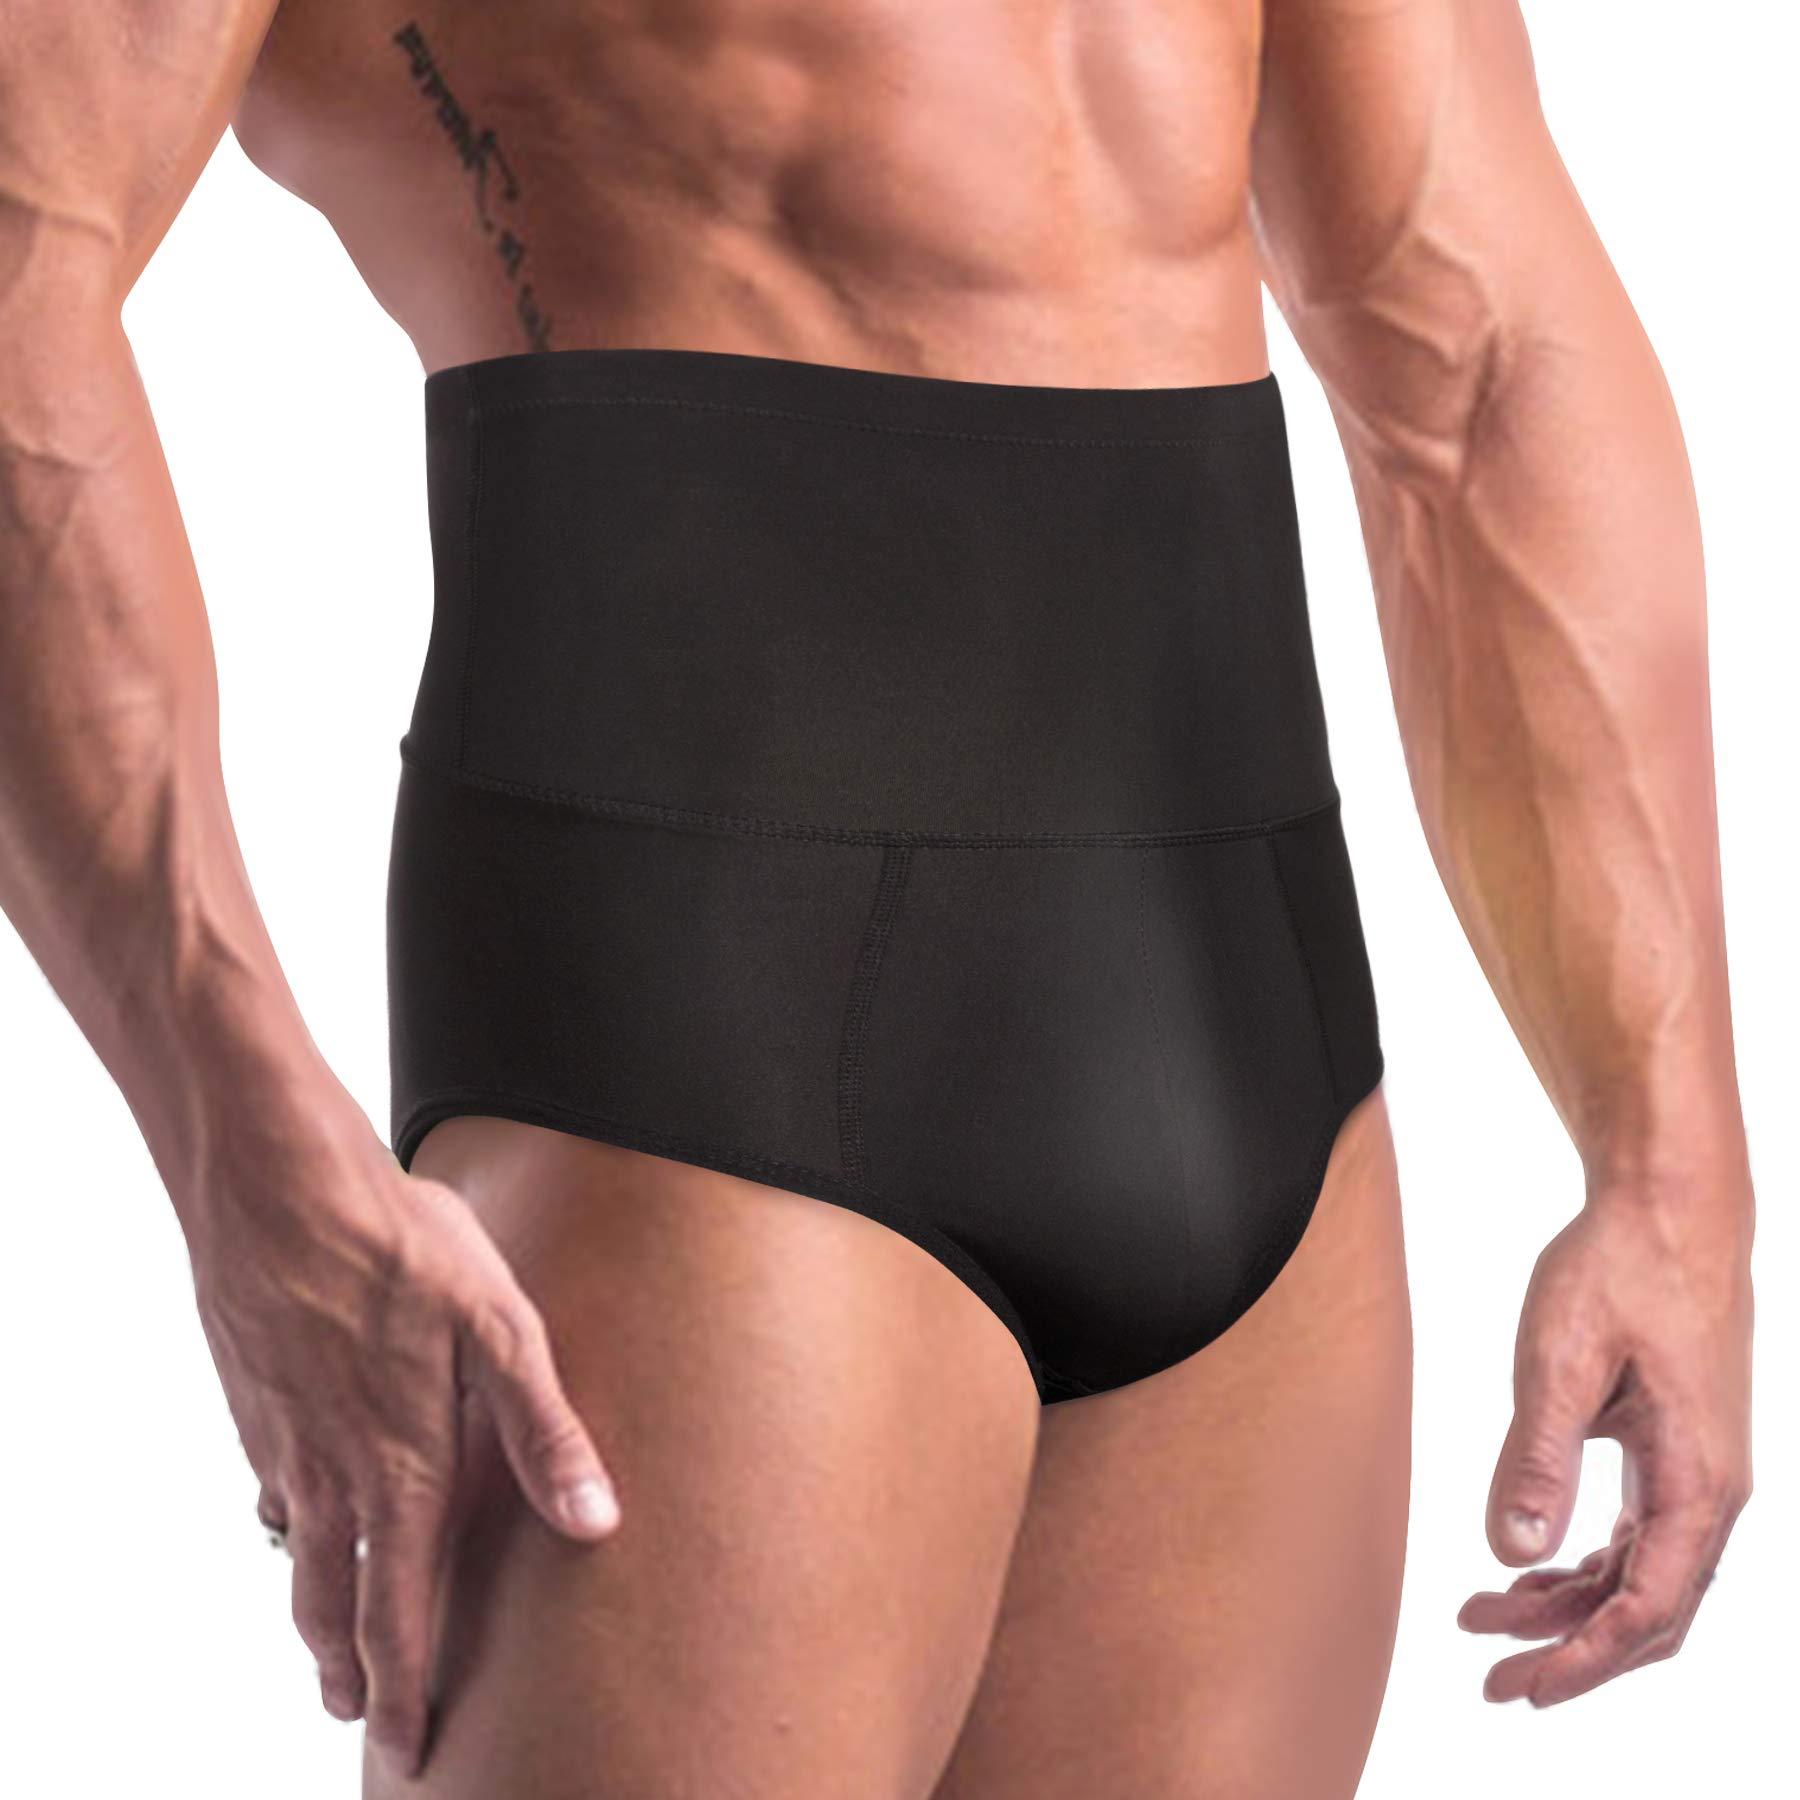 TAILONG Men Tummy Shaper Briefs High Waist Body Slimmer Underwear Firm Control Belly Girdle Abdomen Compression Panties (Black, L)